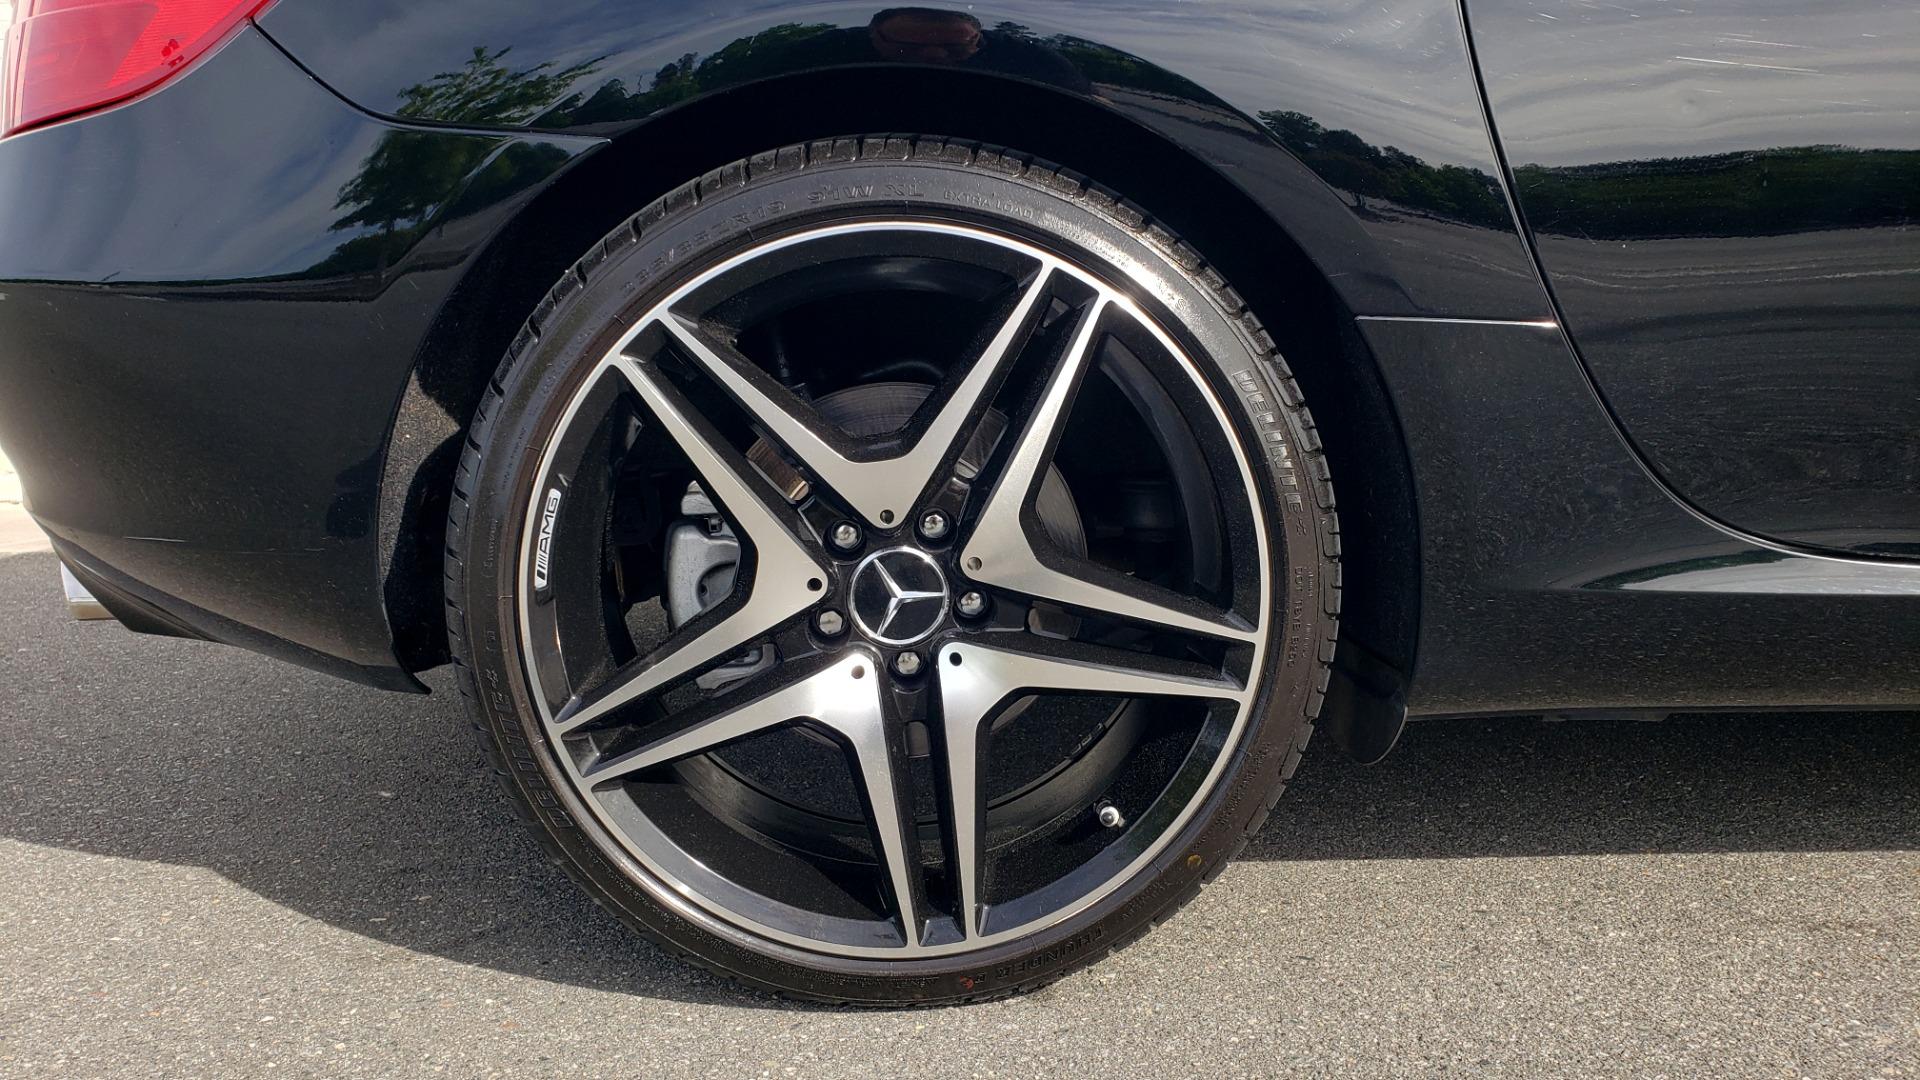 Used 2012 Mercedes-Benz SLK-CLASS SLK 250 ROADSTER / PREM 1 PKG / COMAND LAUNCH PKG / 7-SPD AUTO for sale $24,995 at Formula Imports in Charlotte NC 28227 62